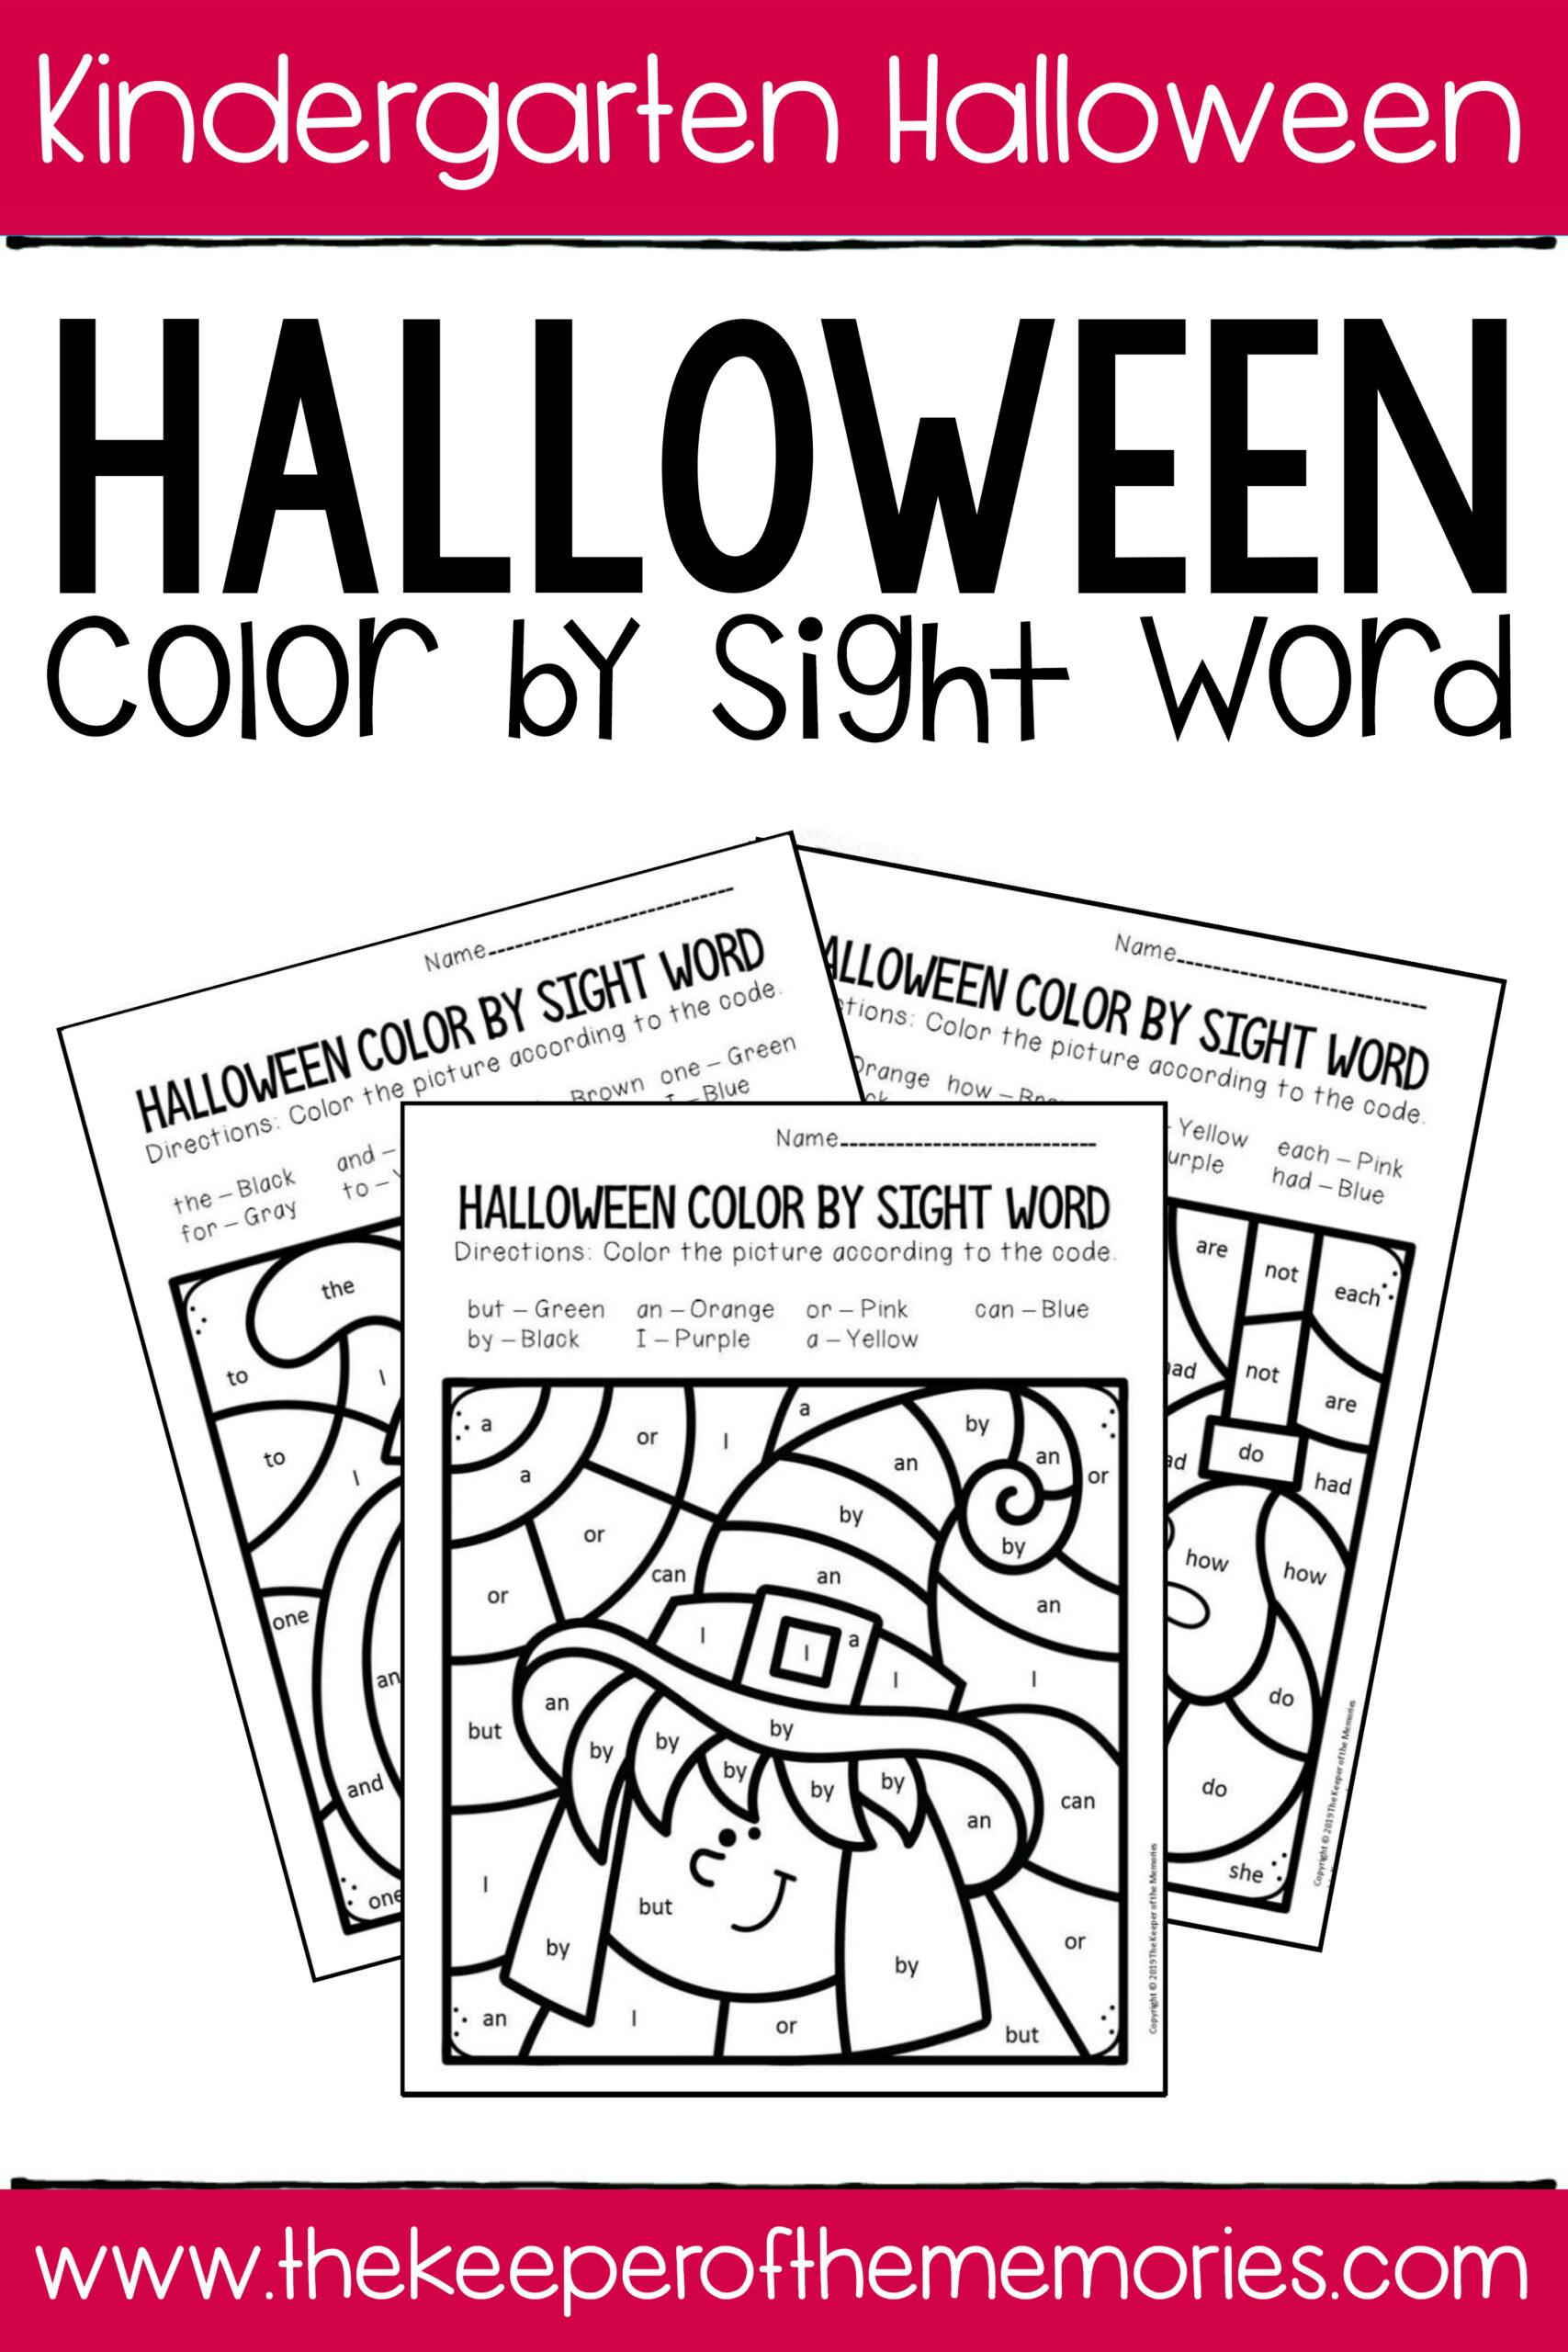 Colorsight Word Halloween Kindergarten Worksheets